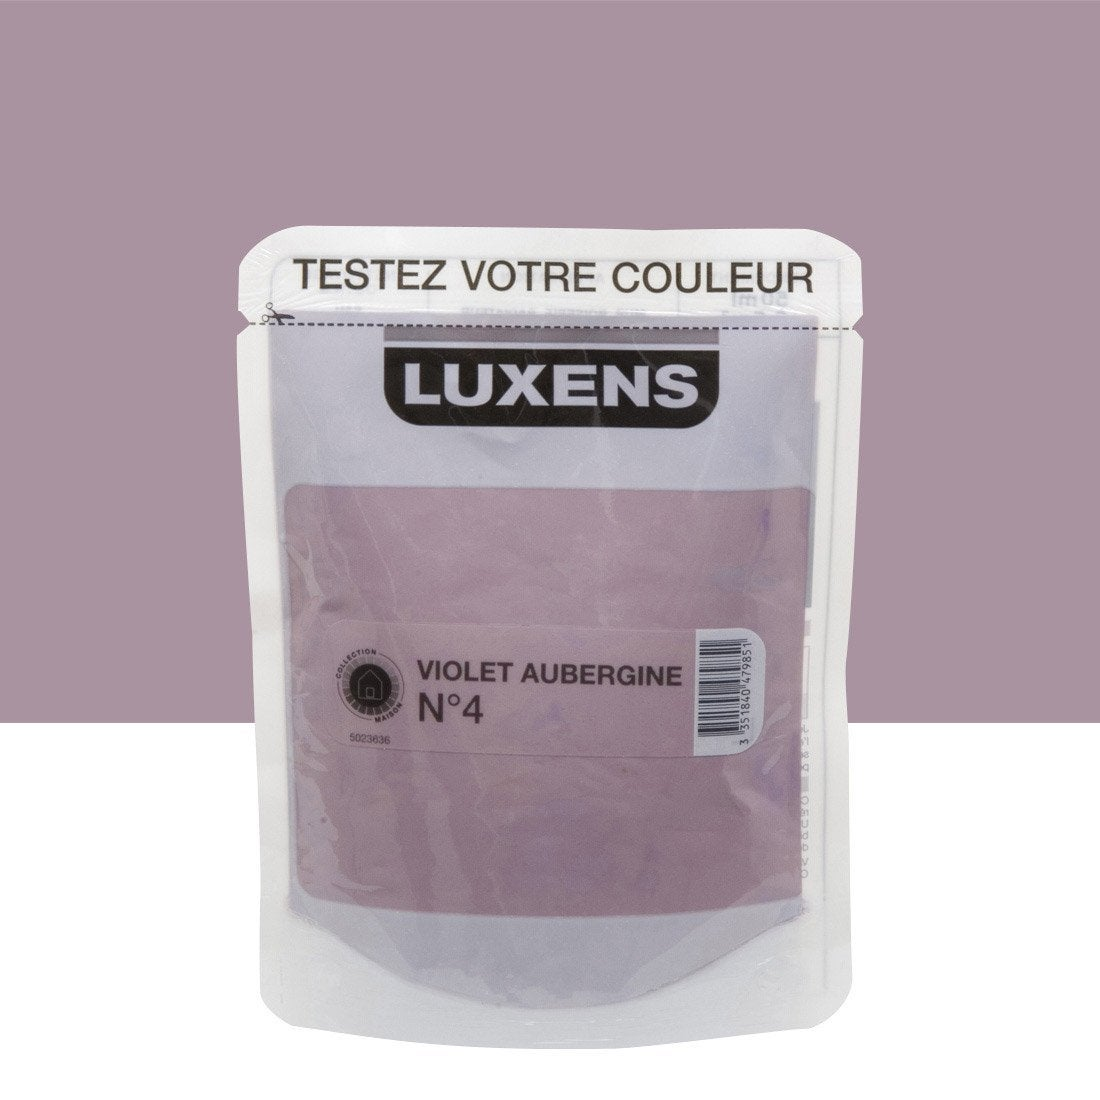 Cuisine Design Belgique : Testeur peinture violet aubergine 4 LUXENS Couleurs intérieures satin